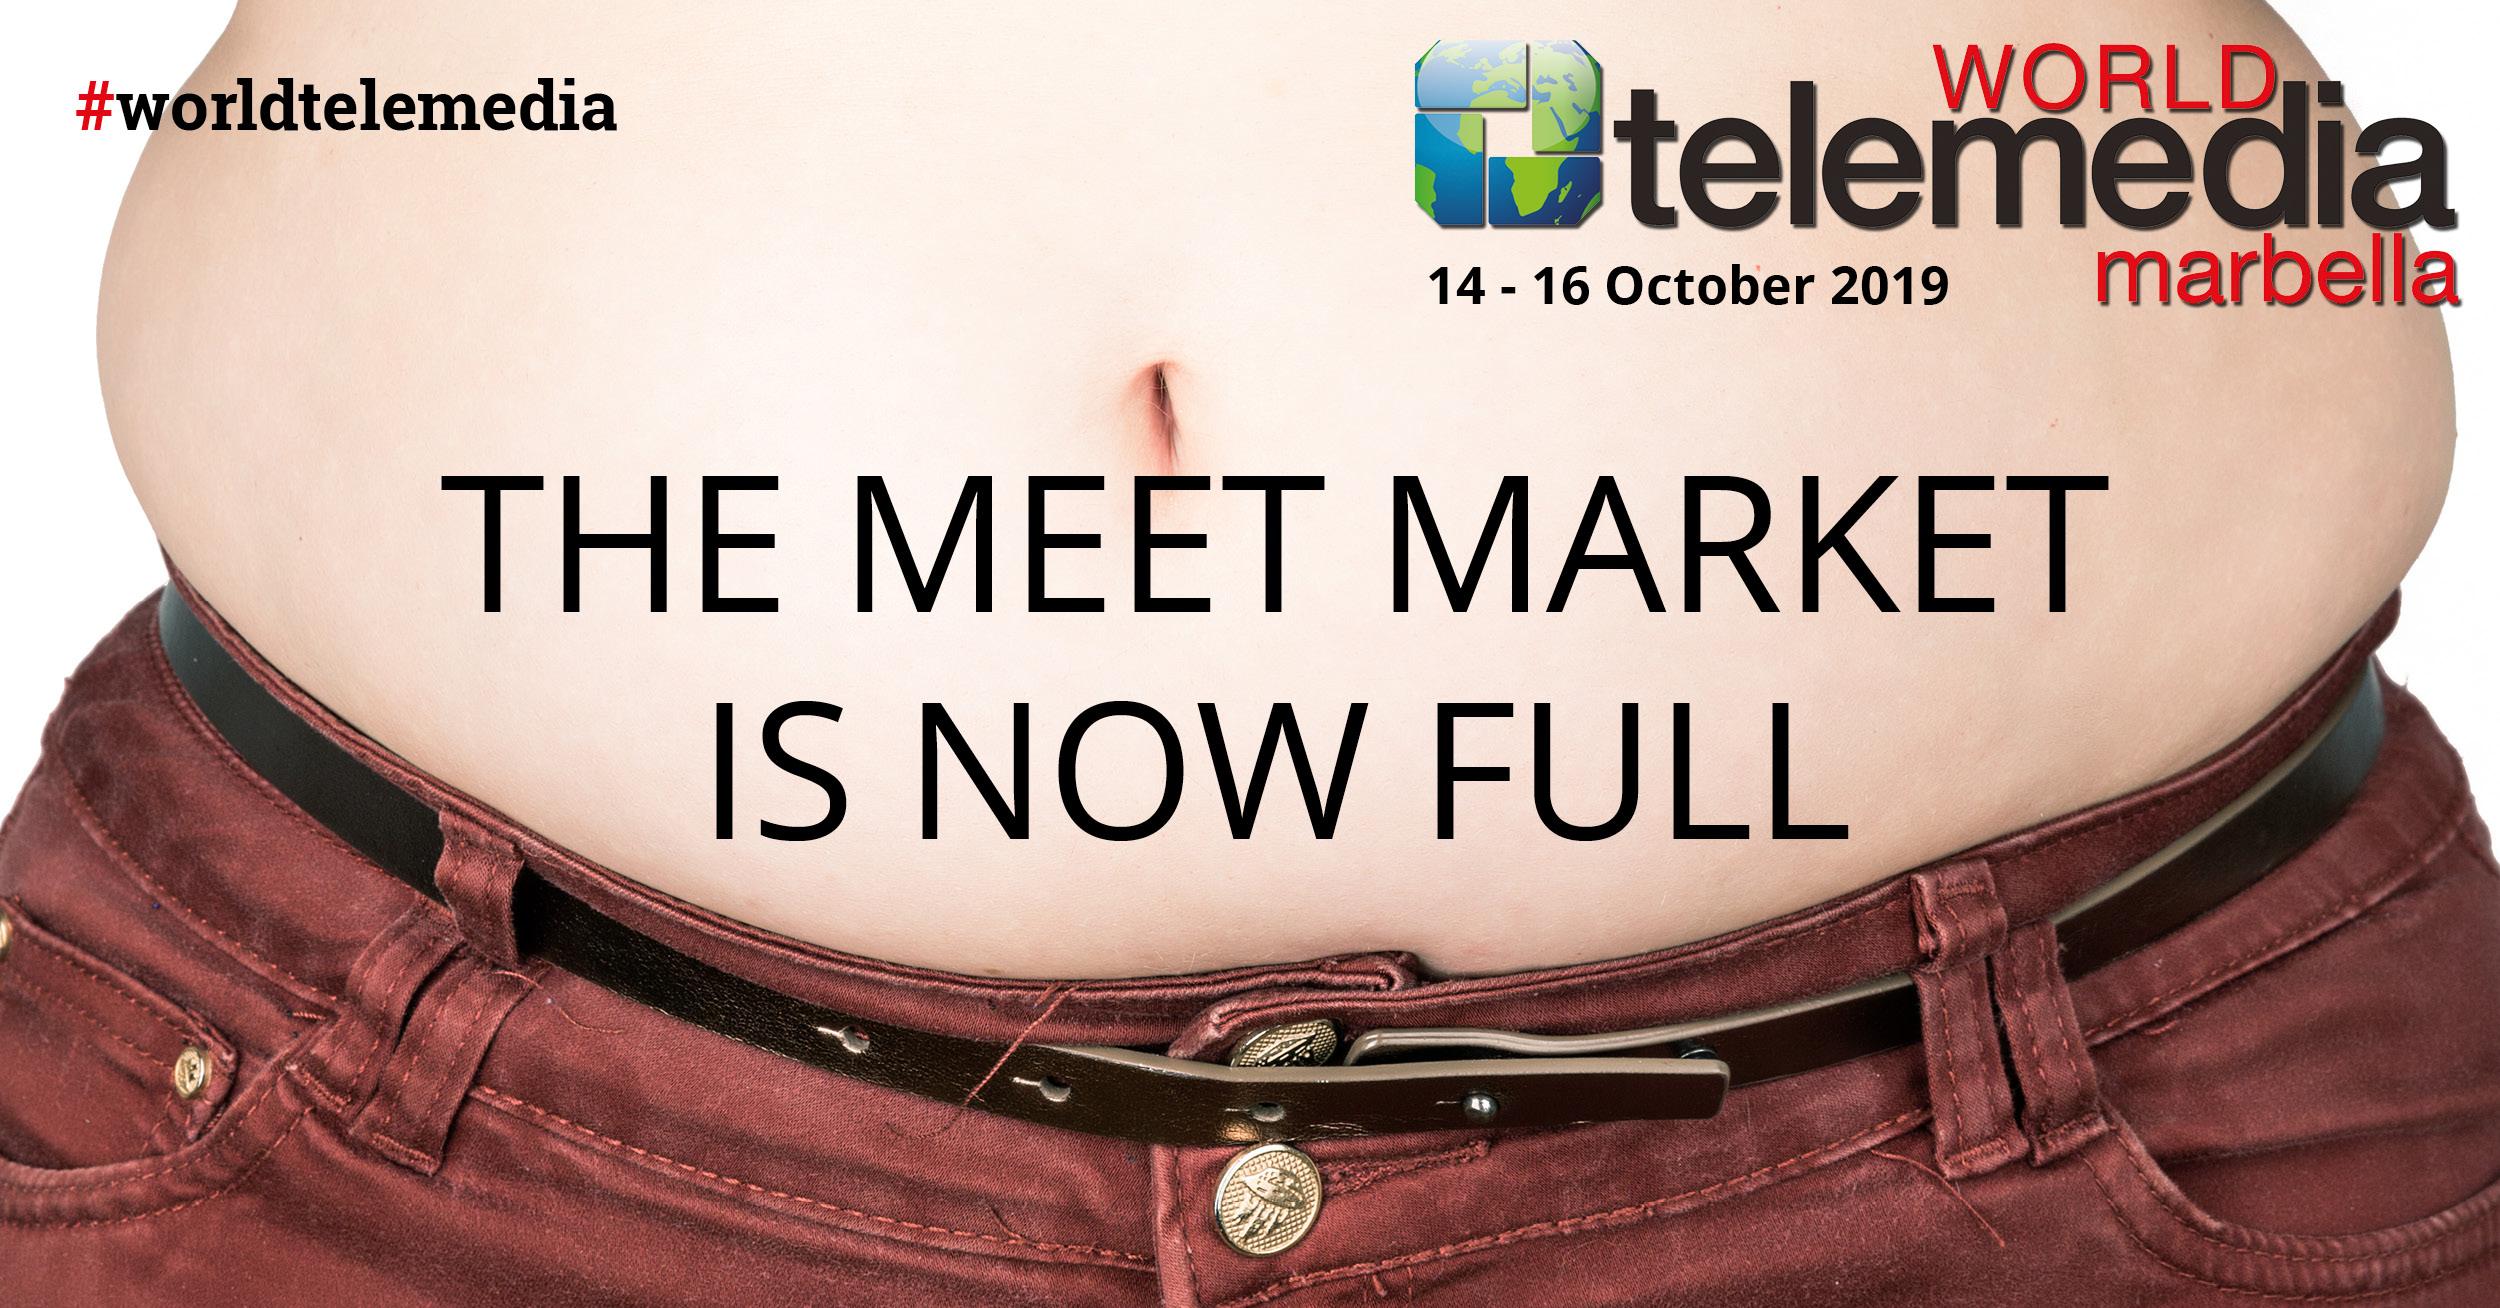 Meet Market for World Telemedia